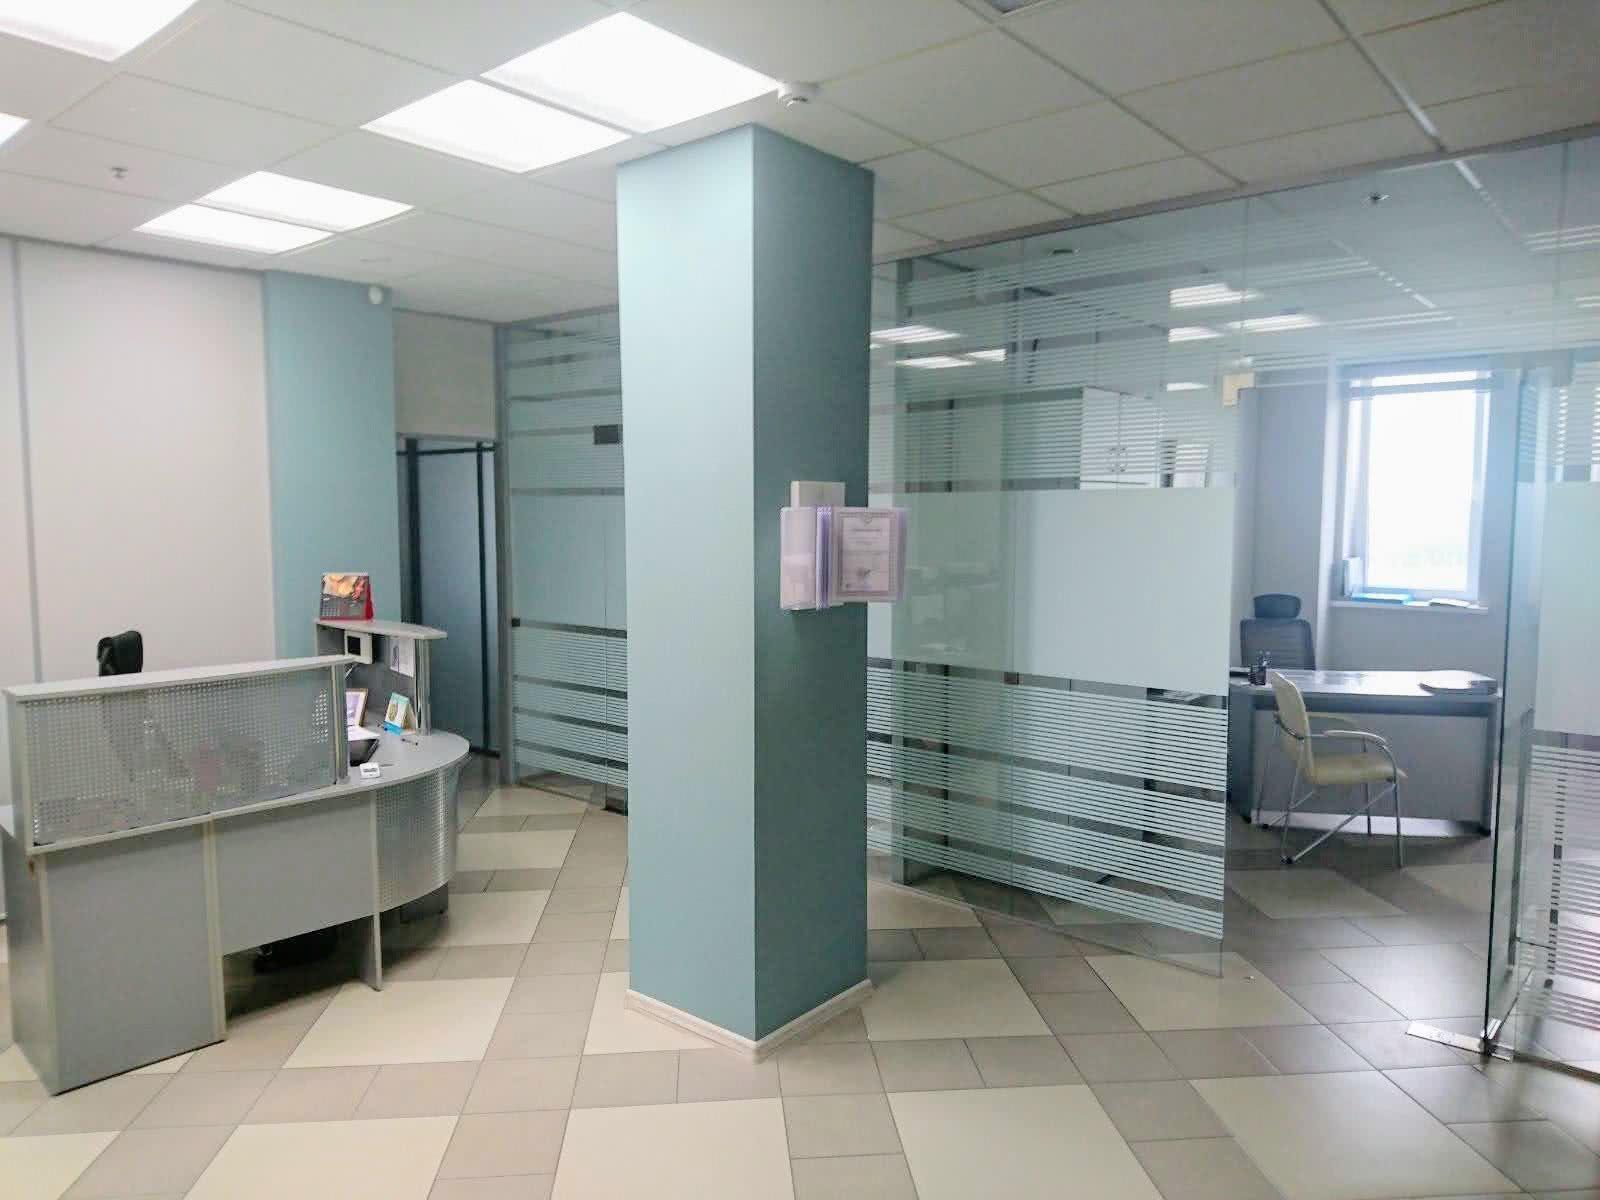 Аренда офиса на ул. Тимирязева, д. 67 в Минске - фото 1